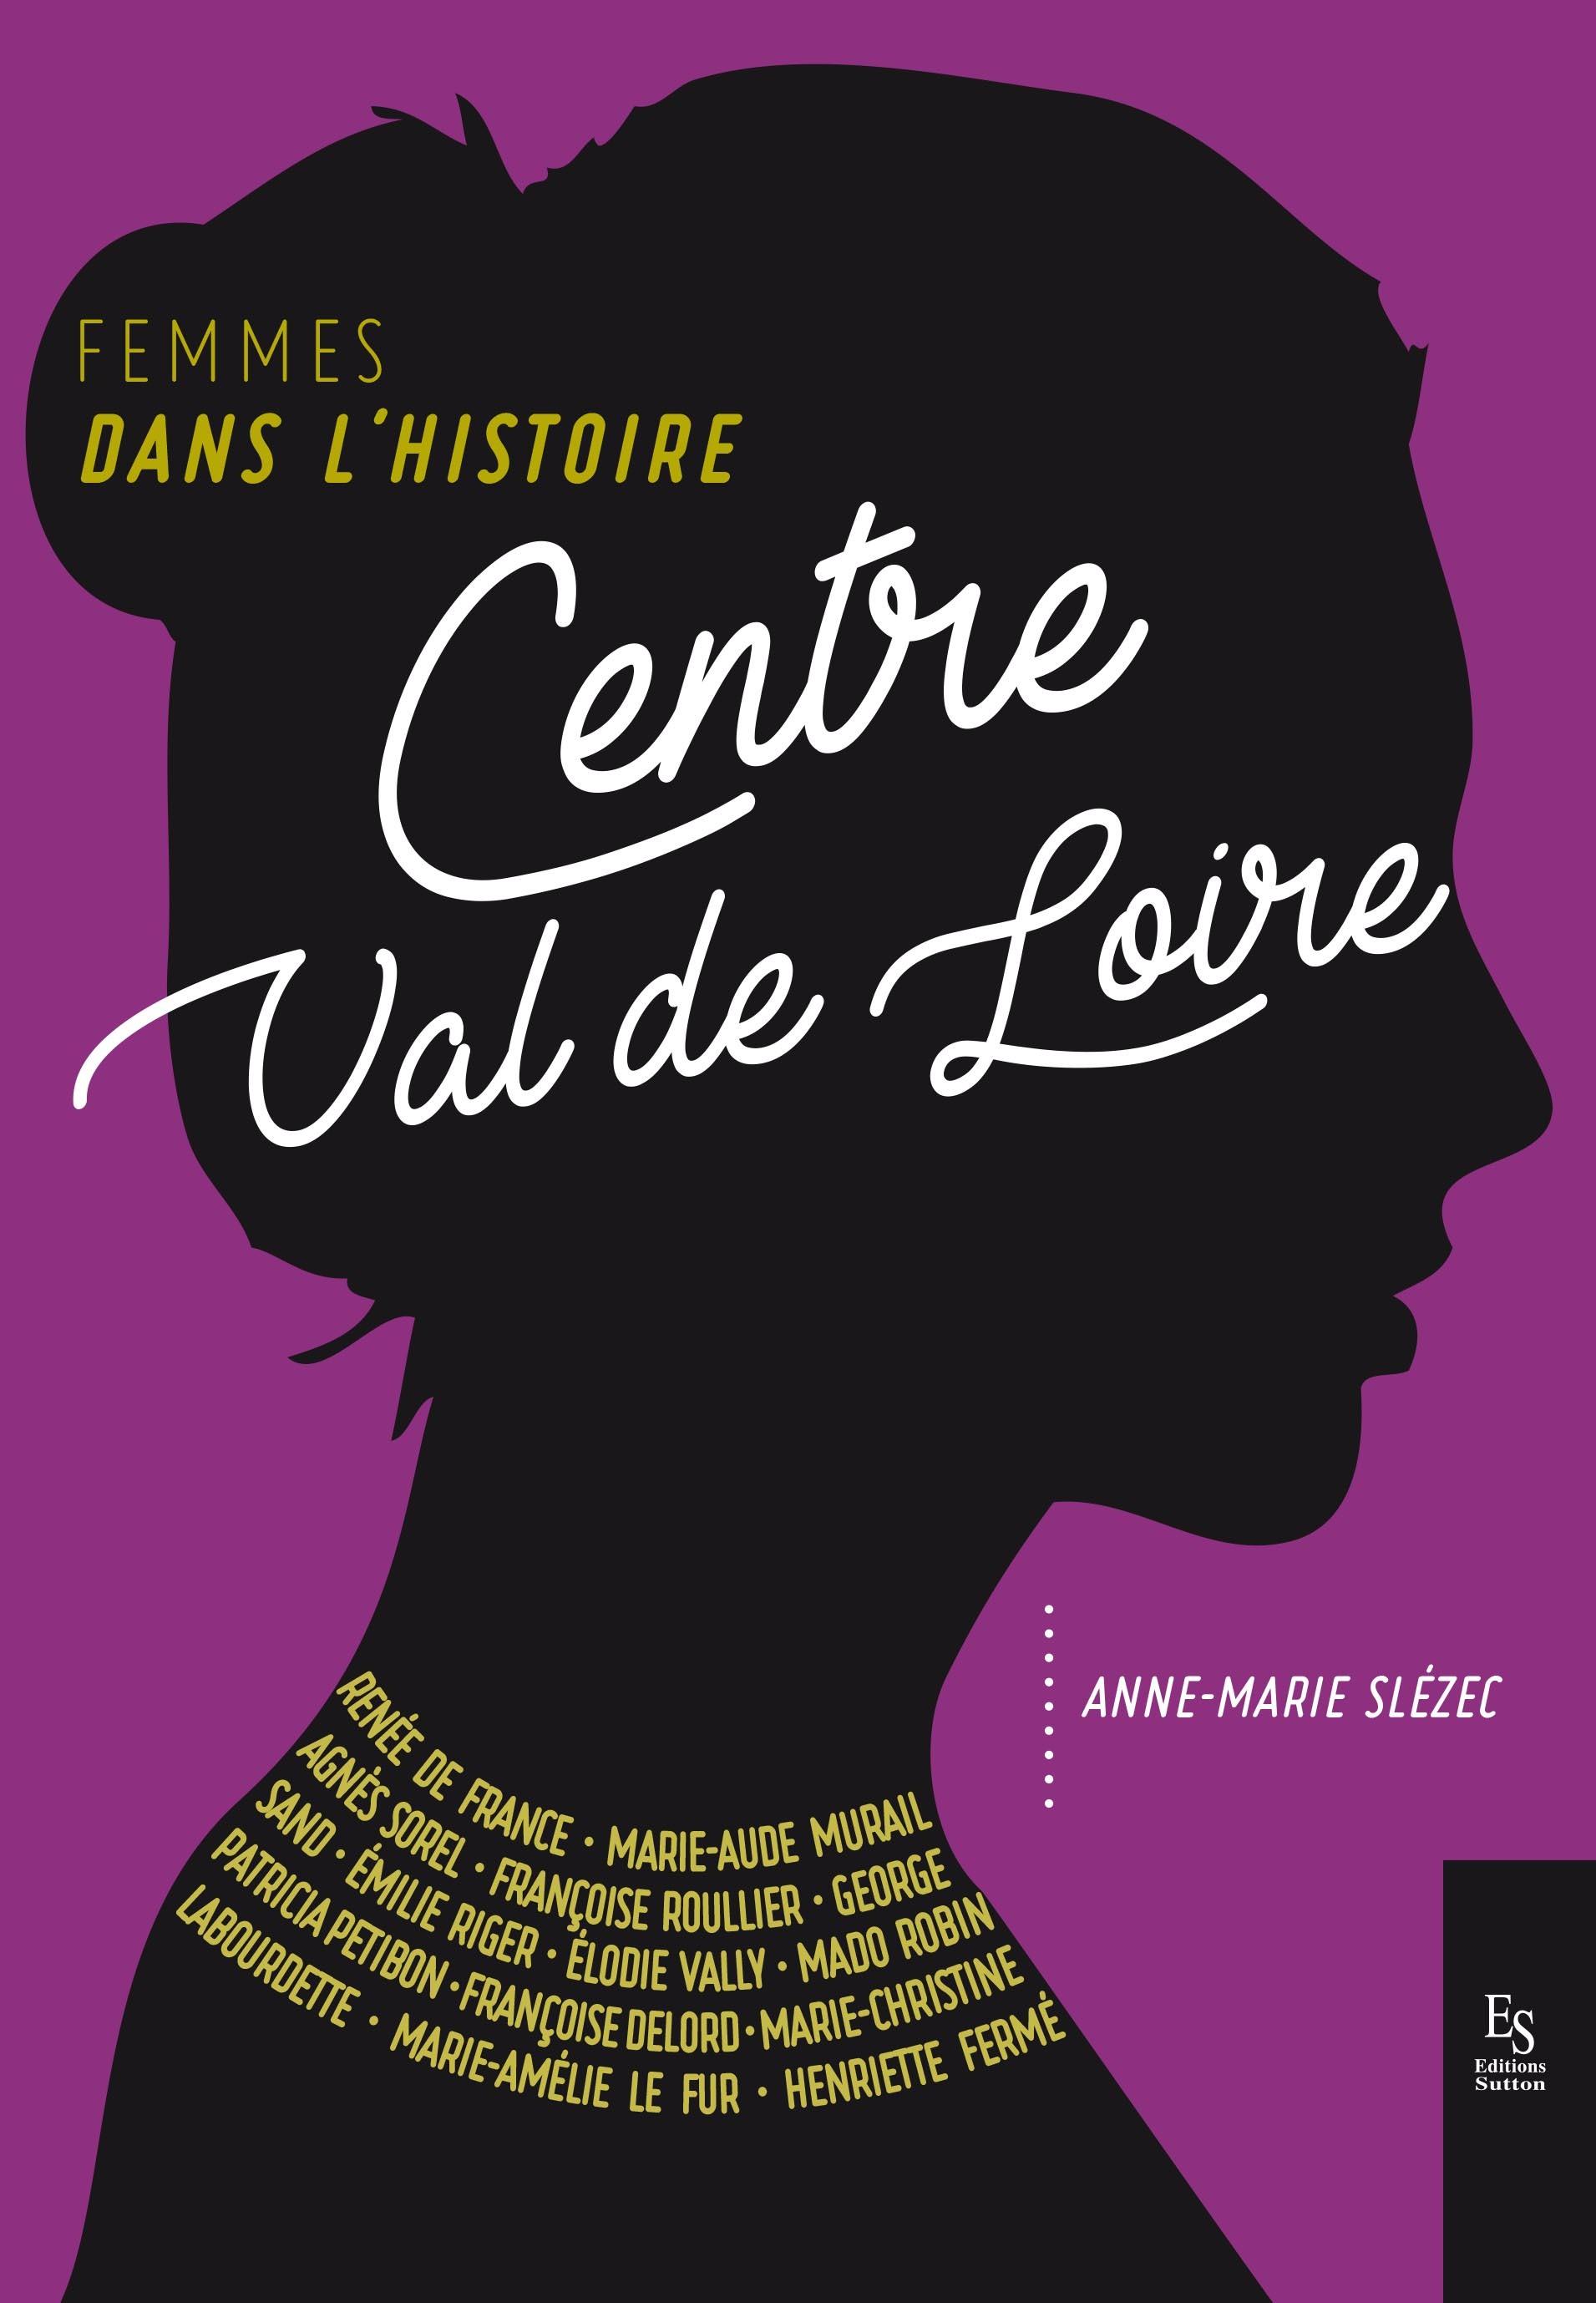 FEMMES DANS L'HISTOIRE - CENTRE VAL DE LOIRE